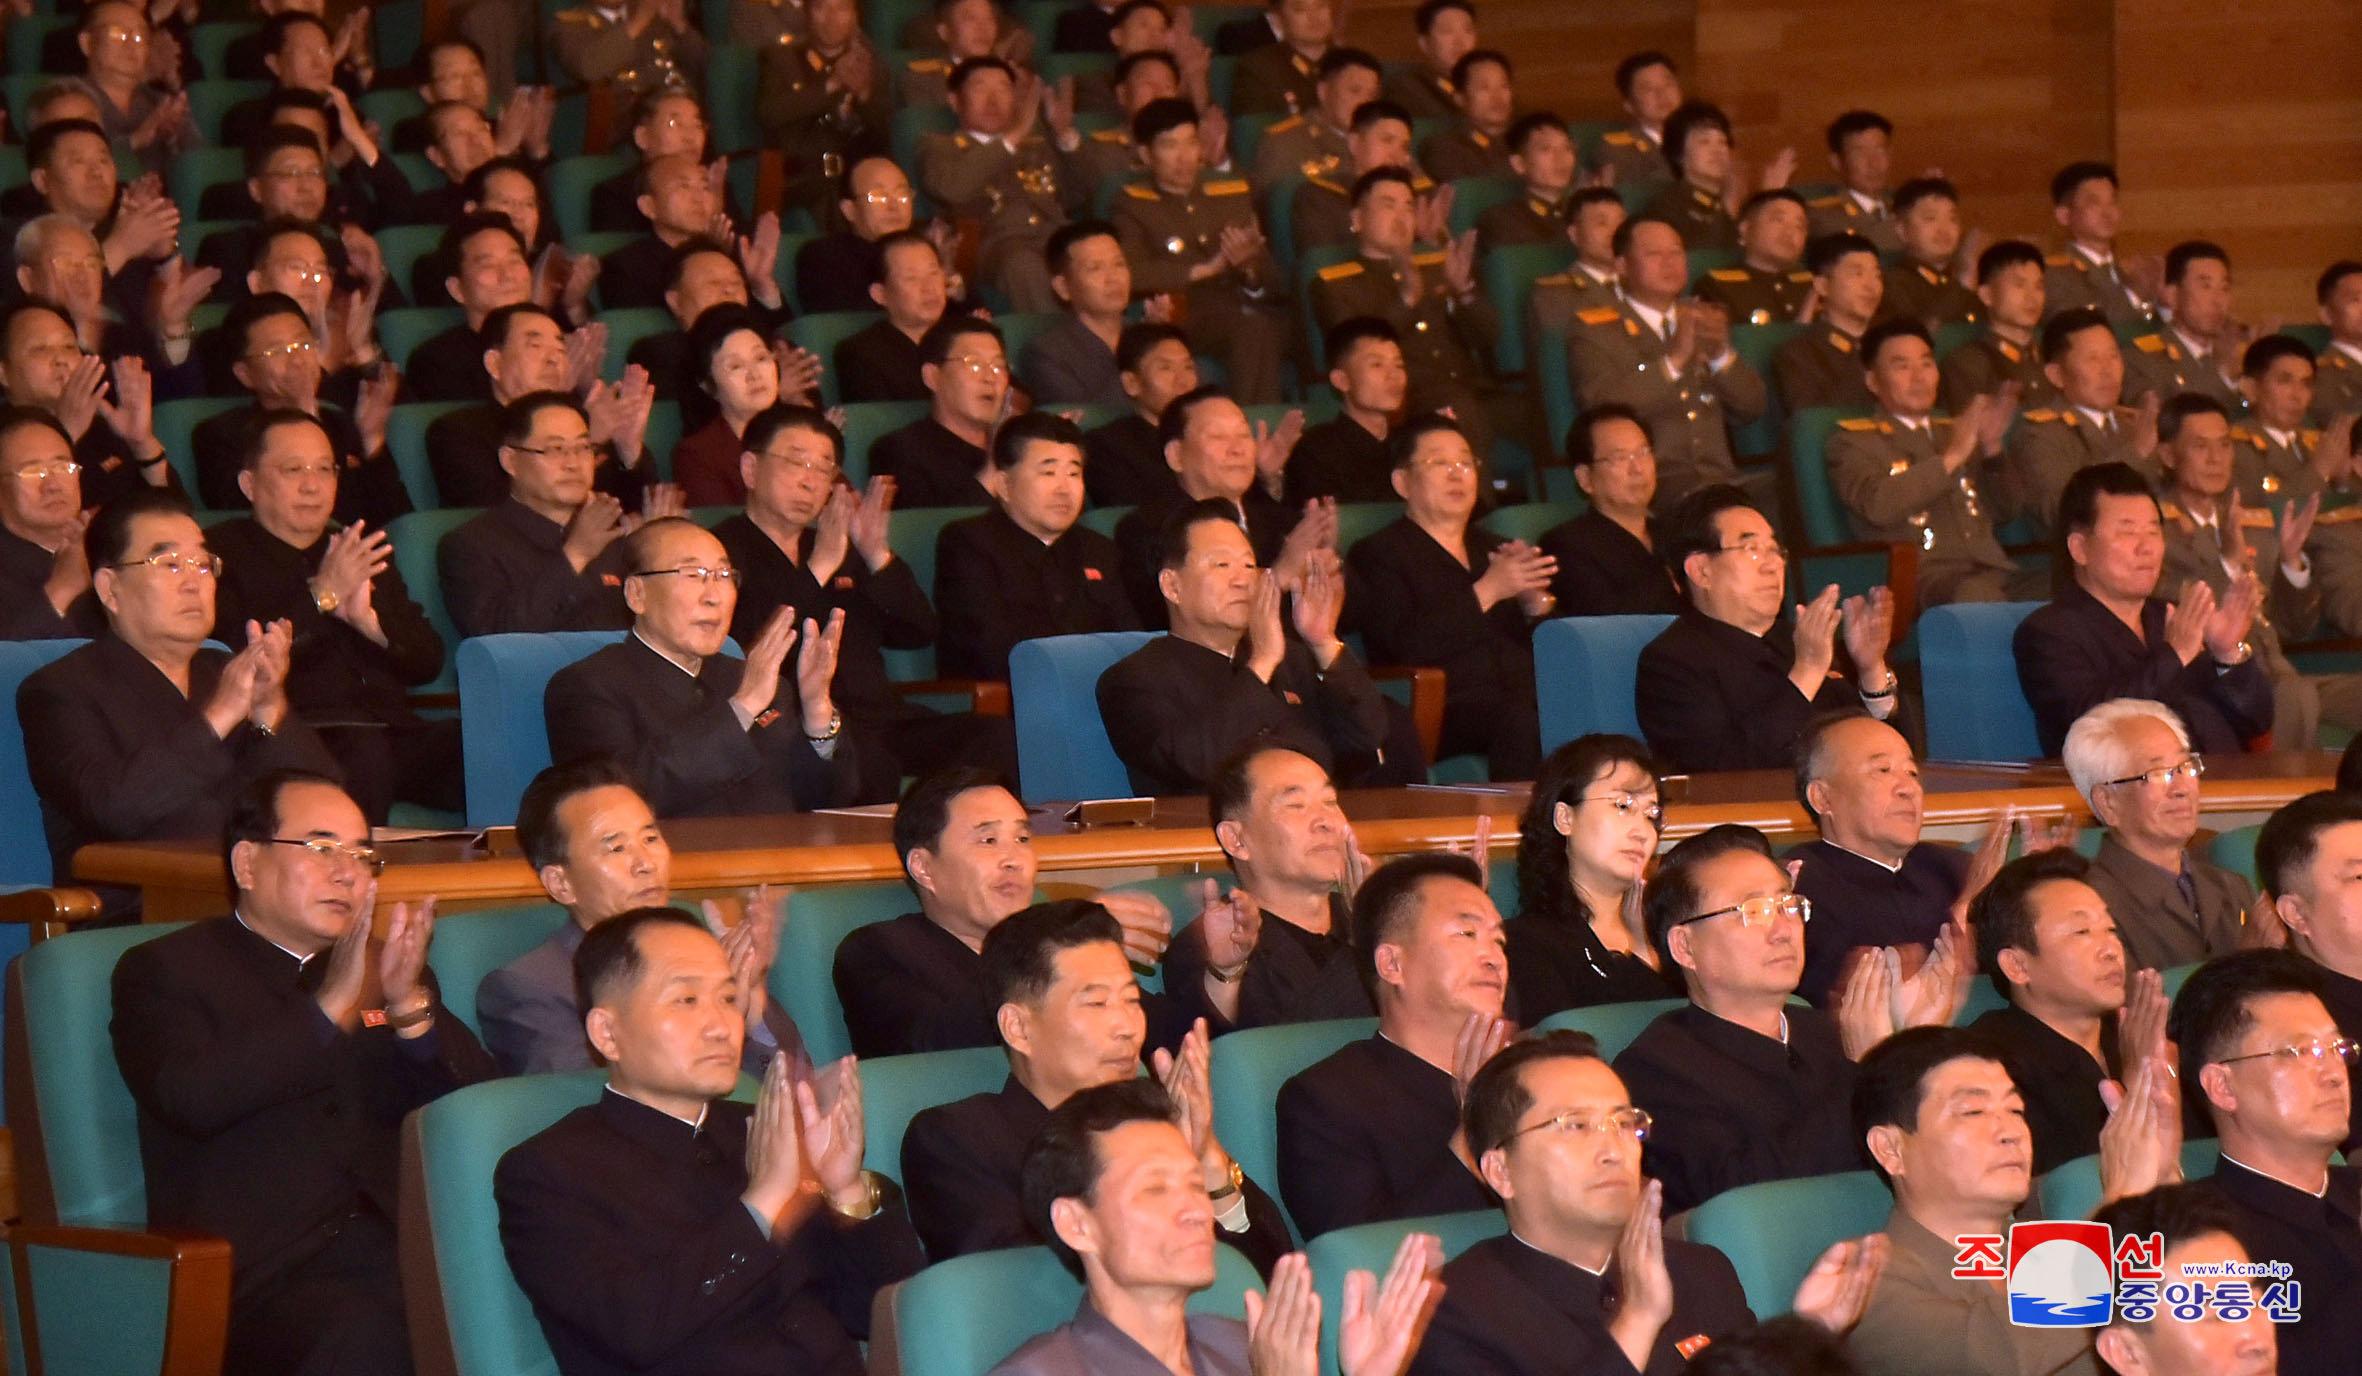 جانب من الحضور فى احتفالات ذكرى تأسيس الحزب الحاكم